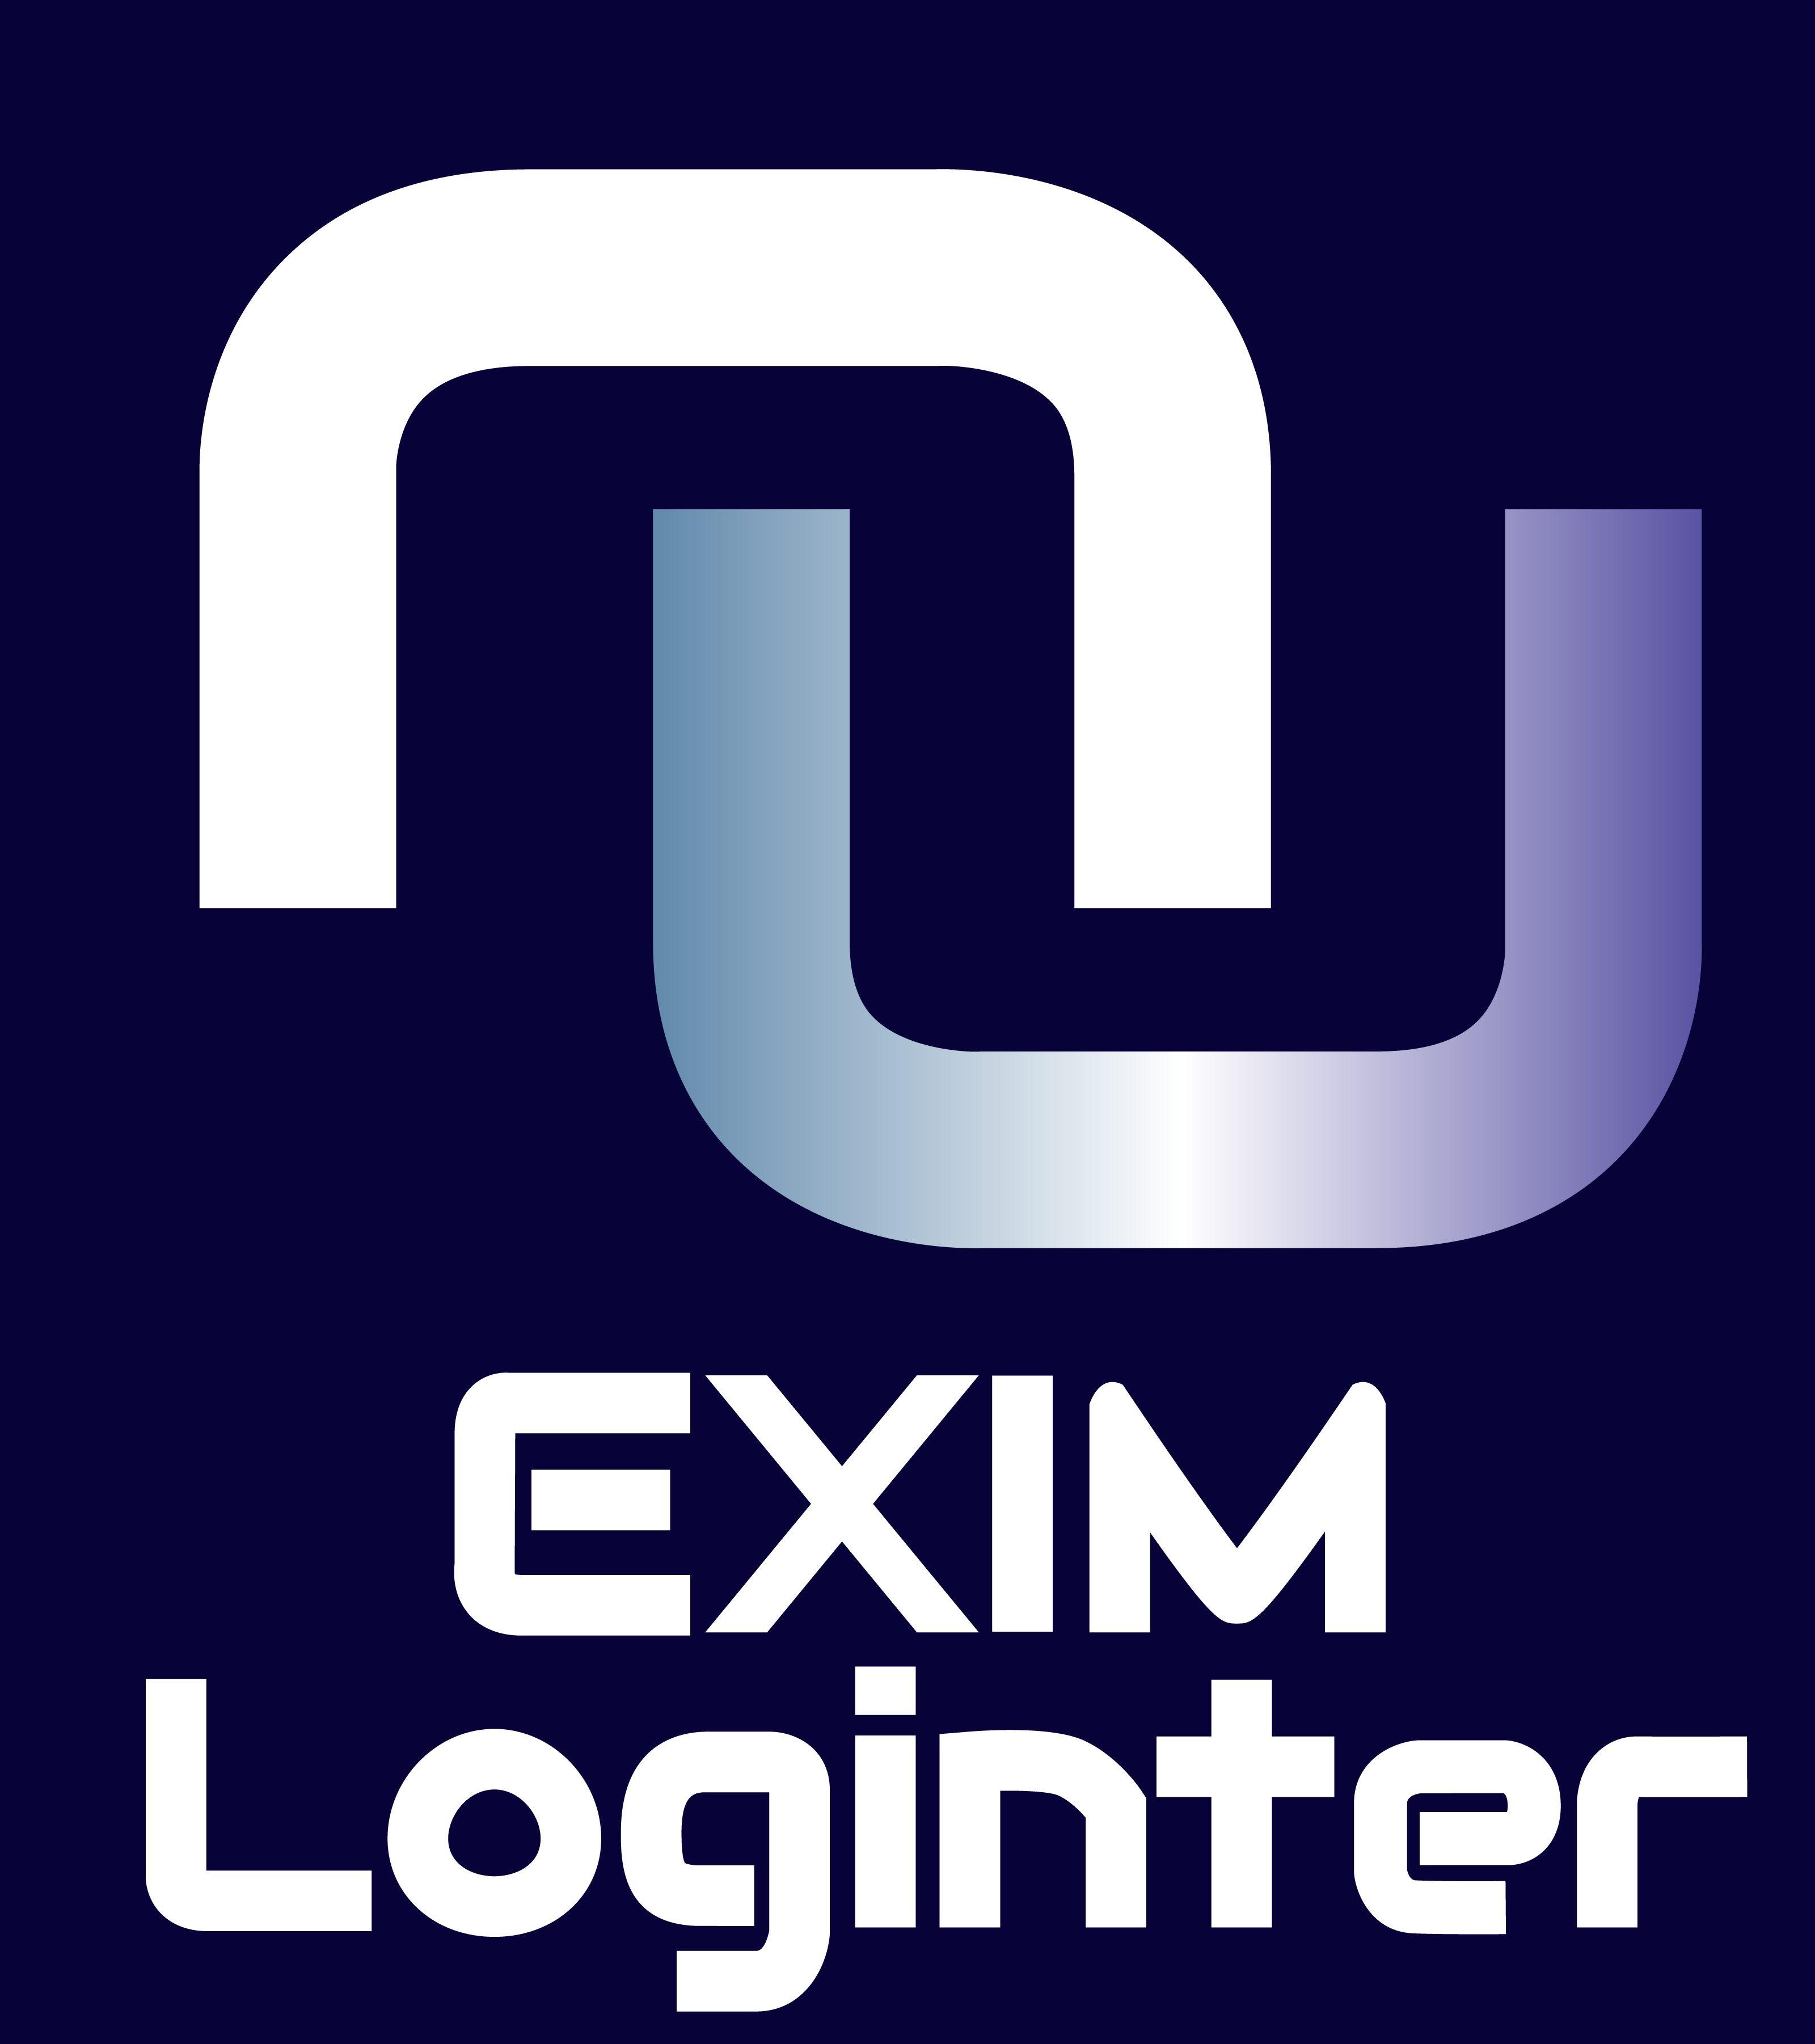 Exim Loginter